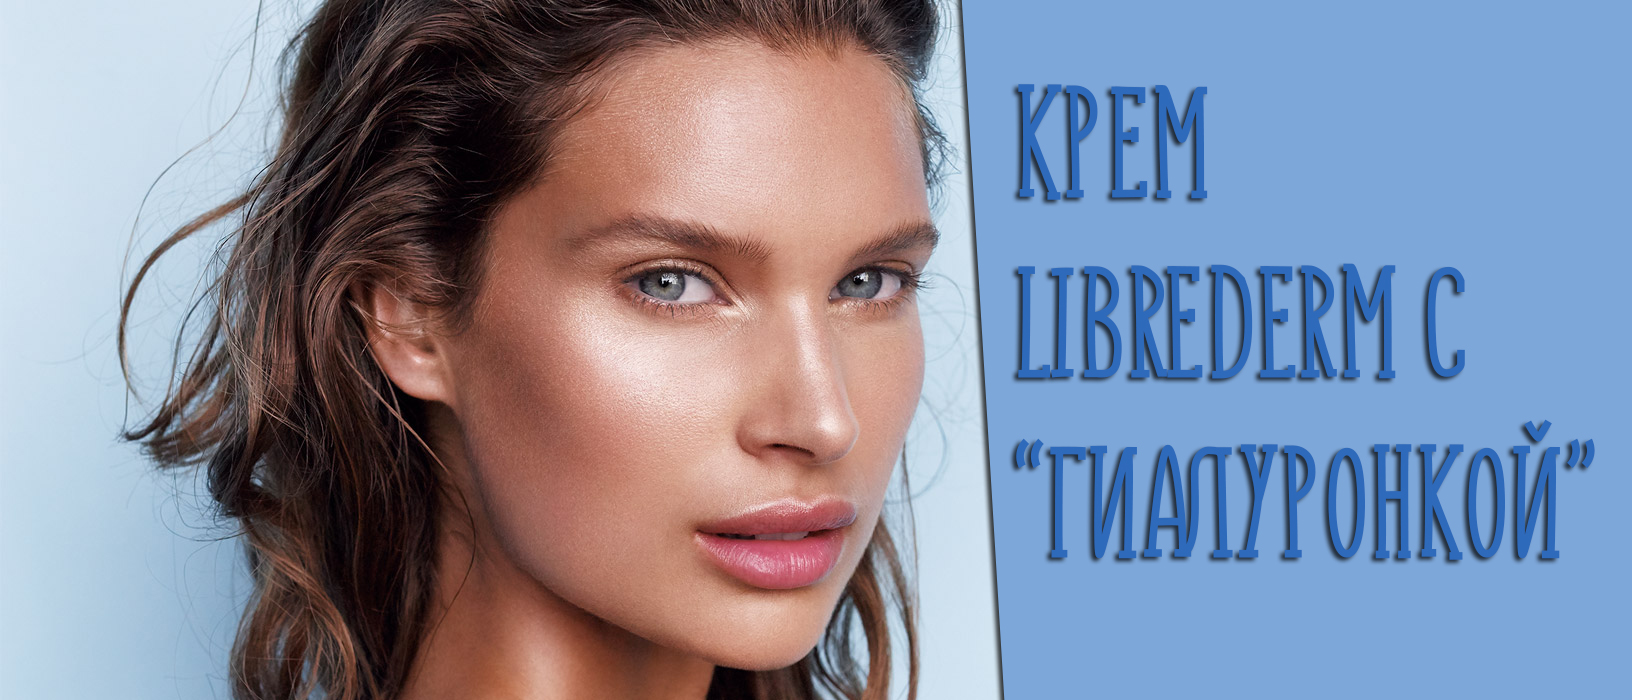 Отзывы на крем для лица Либредерм (Librederm) с гиалуроновой кислотой